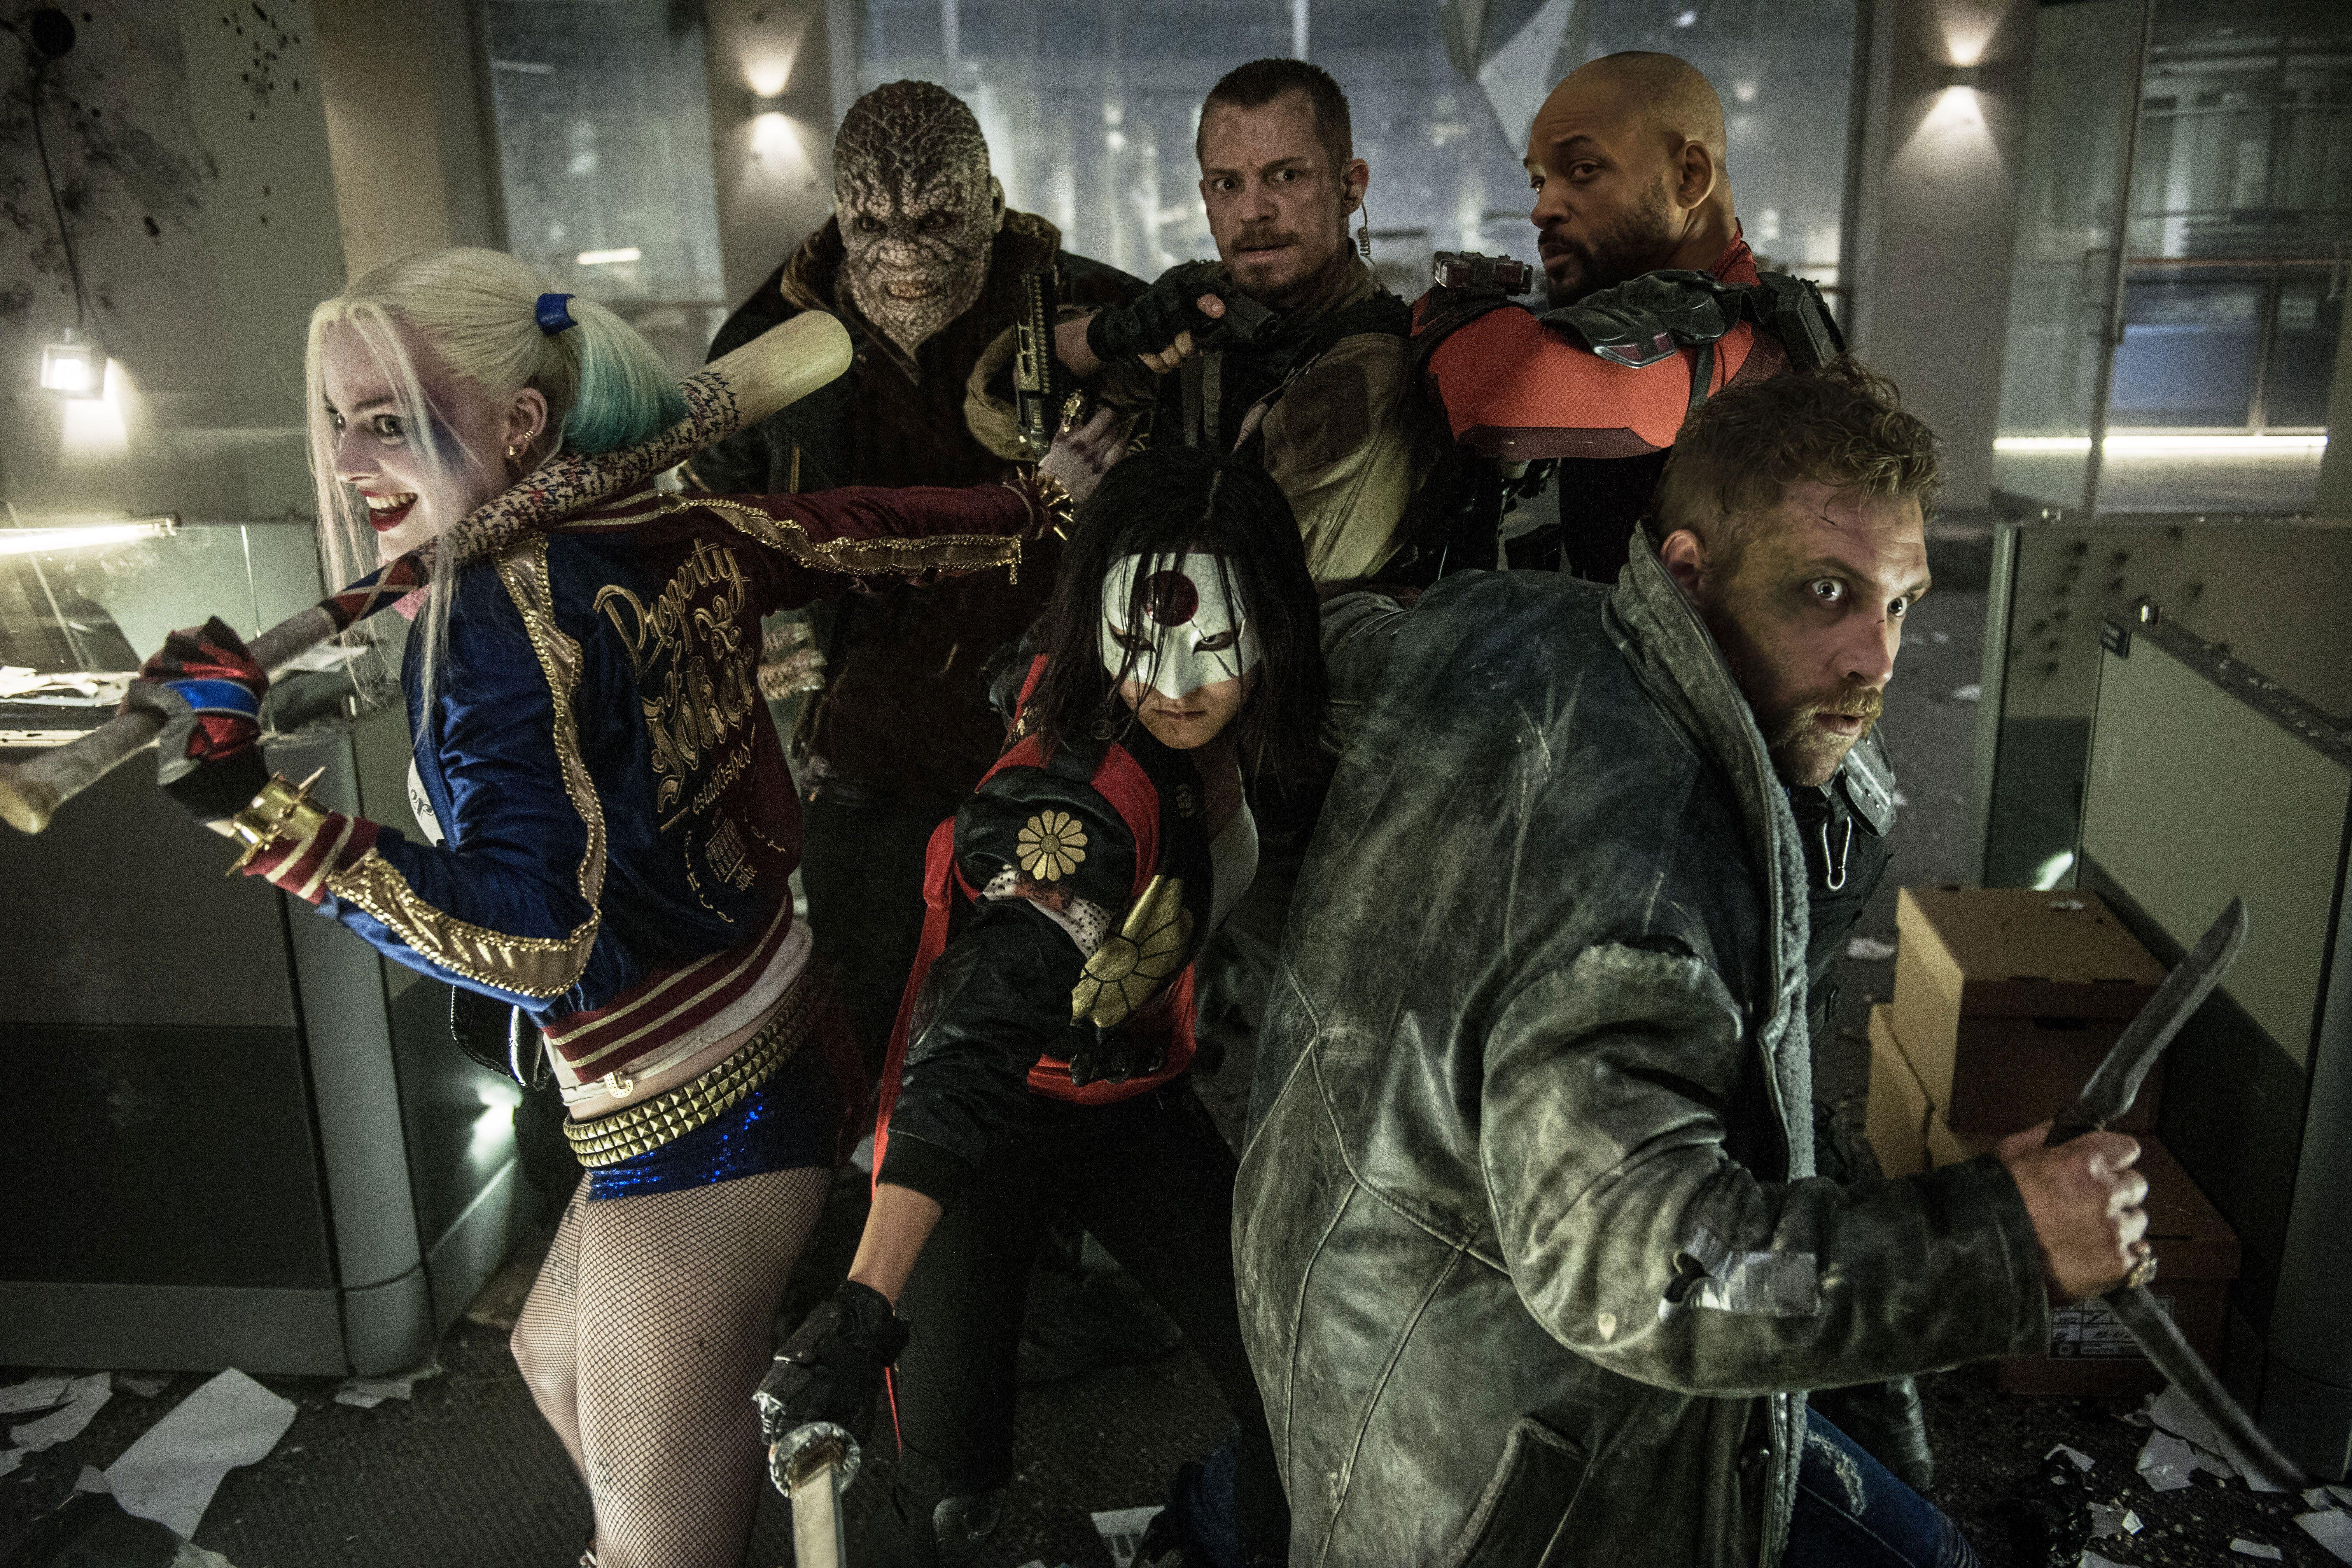 Suicide Squad 2 cast, release date, plot